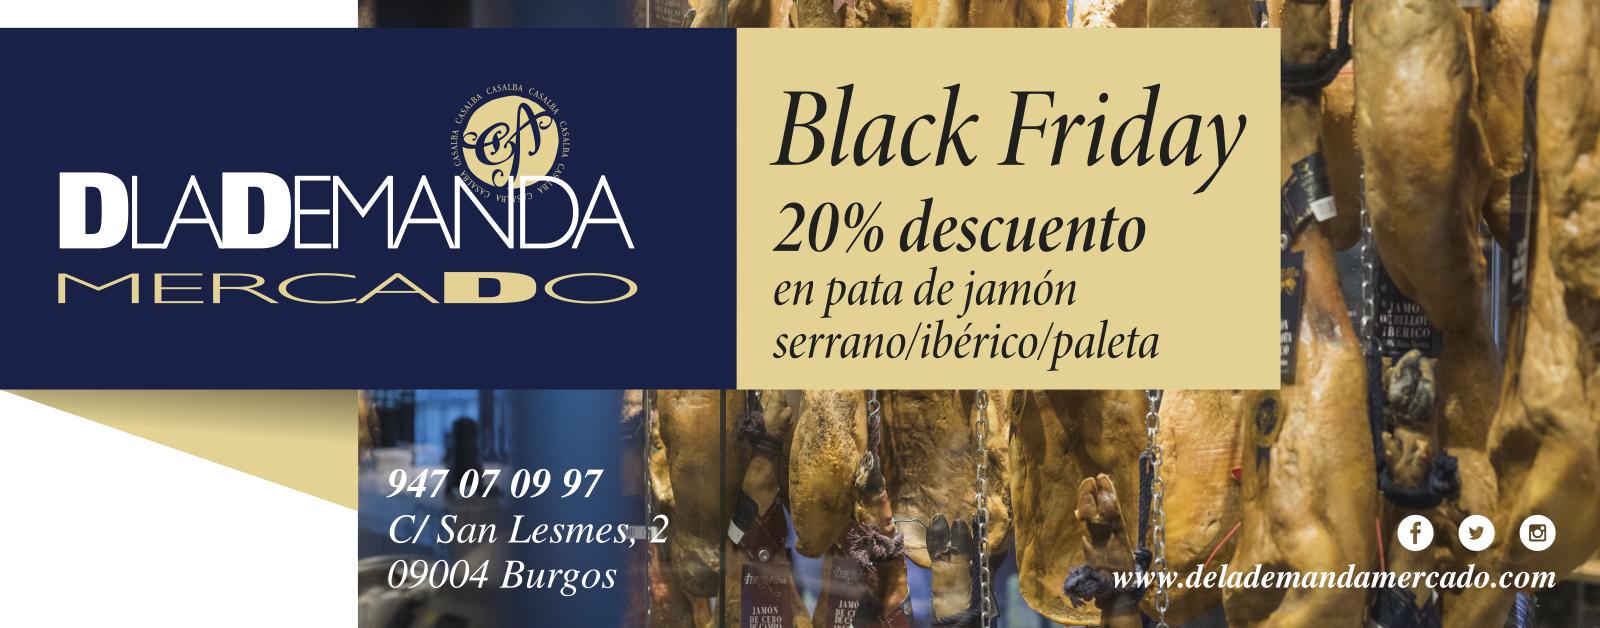 Black Friday DlaDemanda Mercado